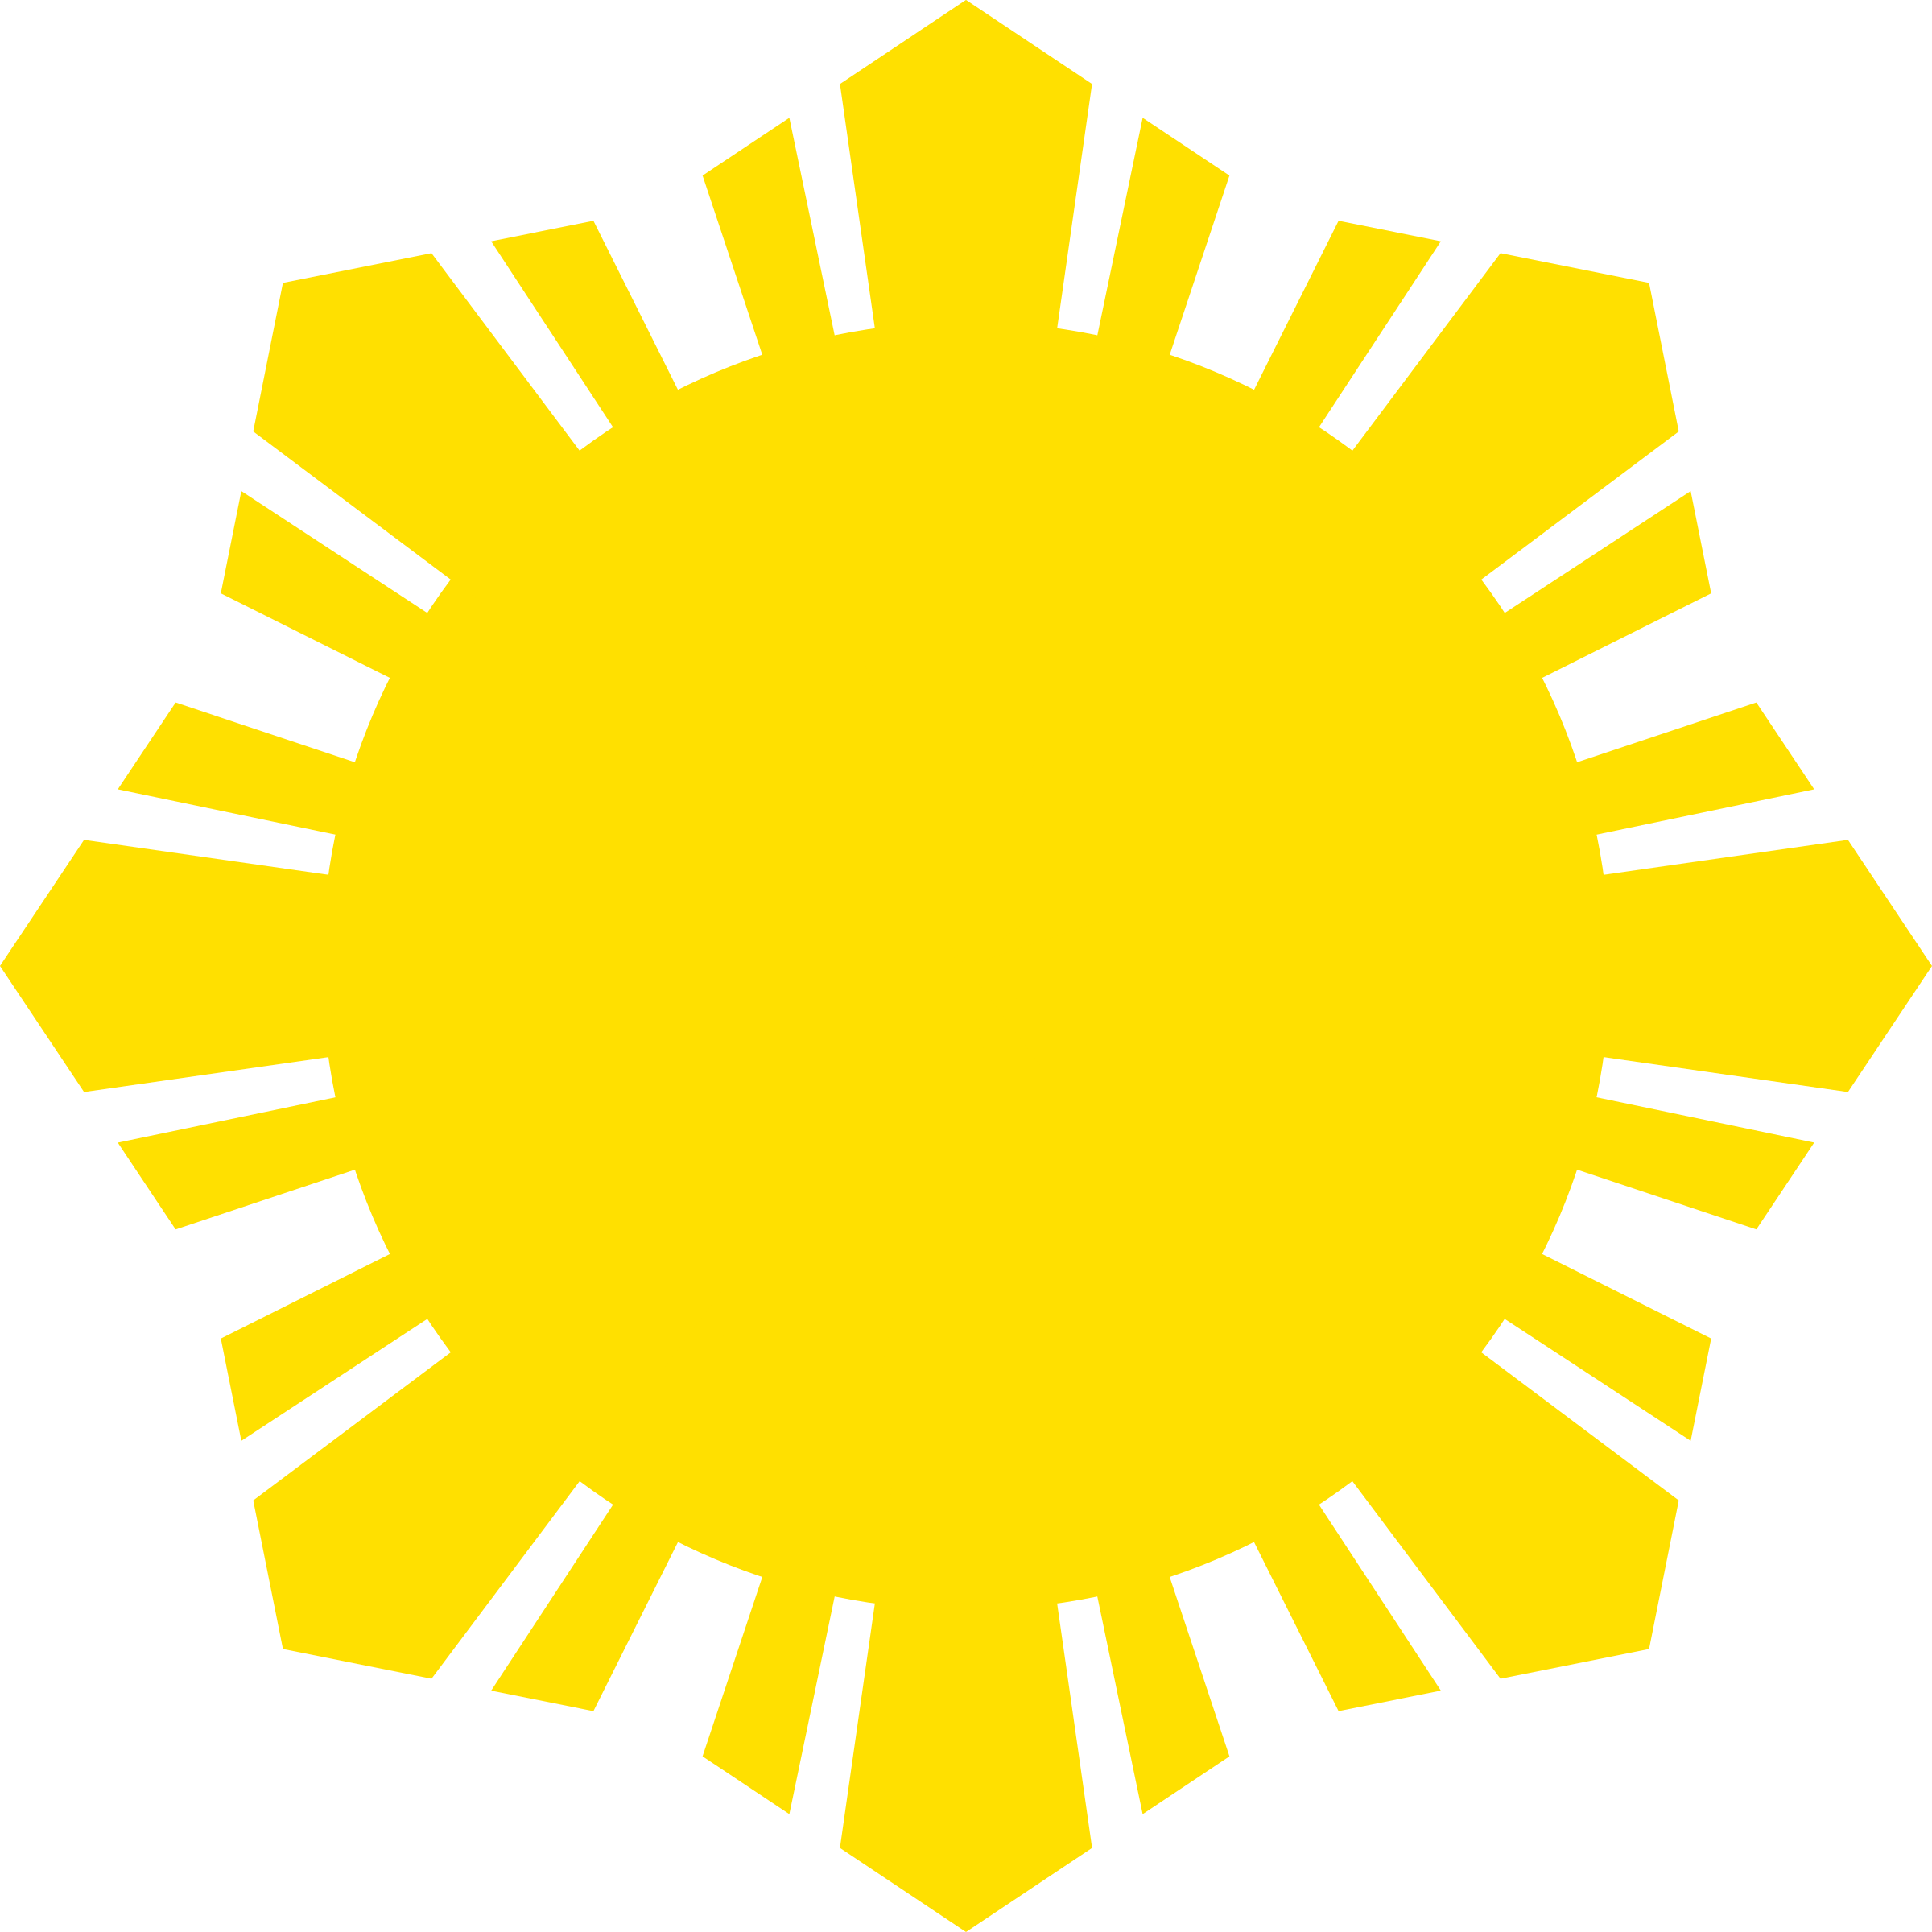 Small sun clipart clip art stock Clipart - Sun Symbol Small Yellow clip art stock